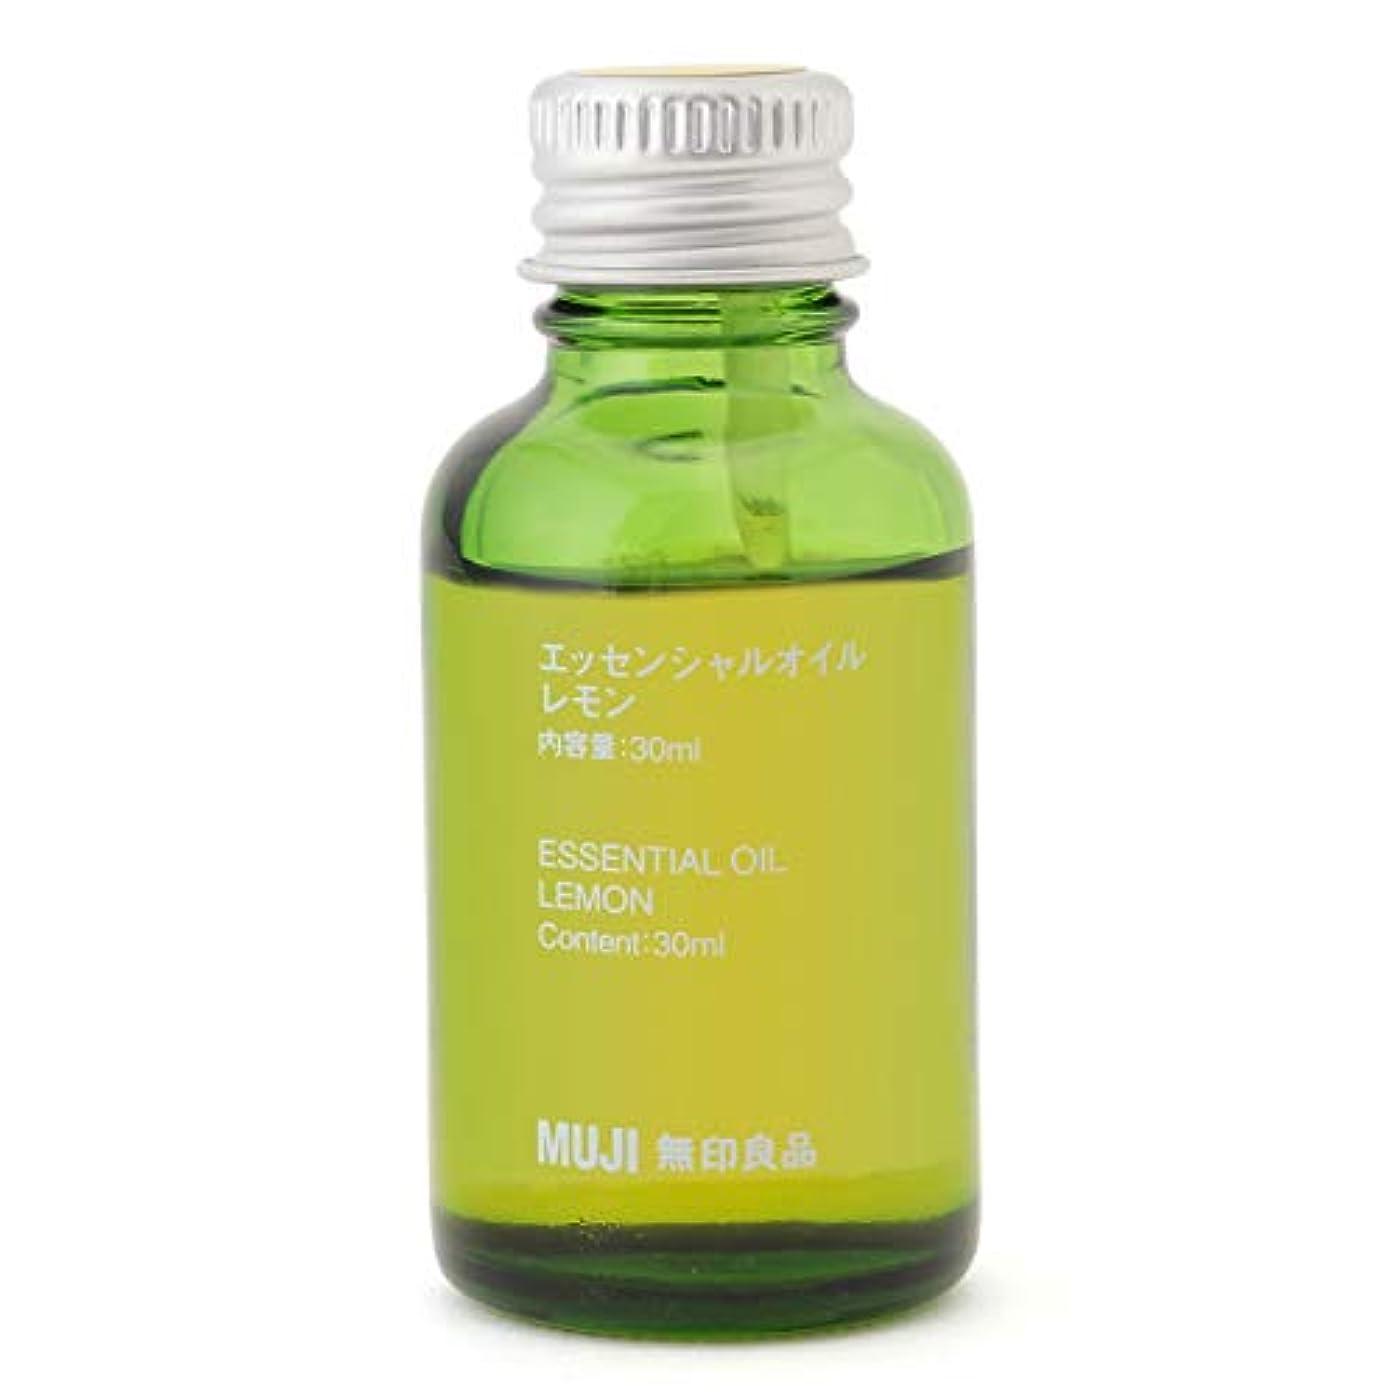 磁石浸漬ホステル【無印良品】エッセンシャルオイル30ml(レモン)